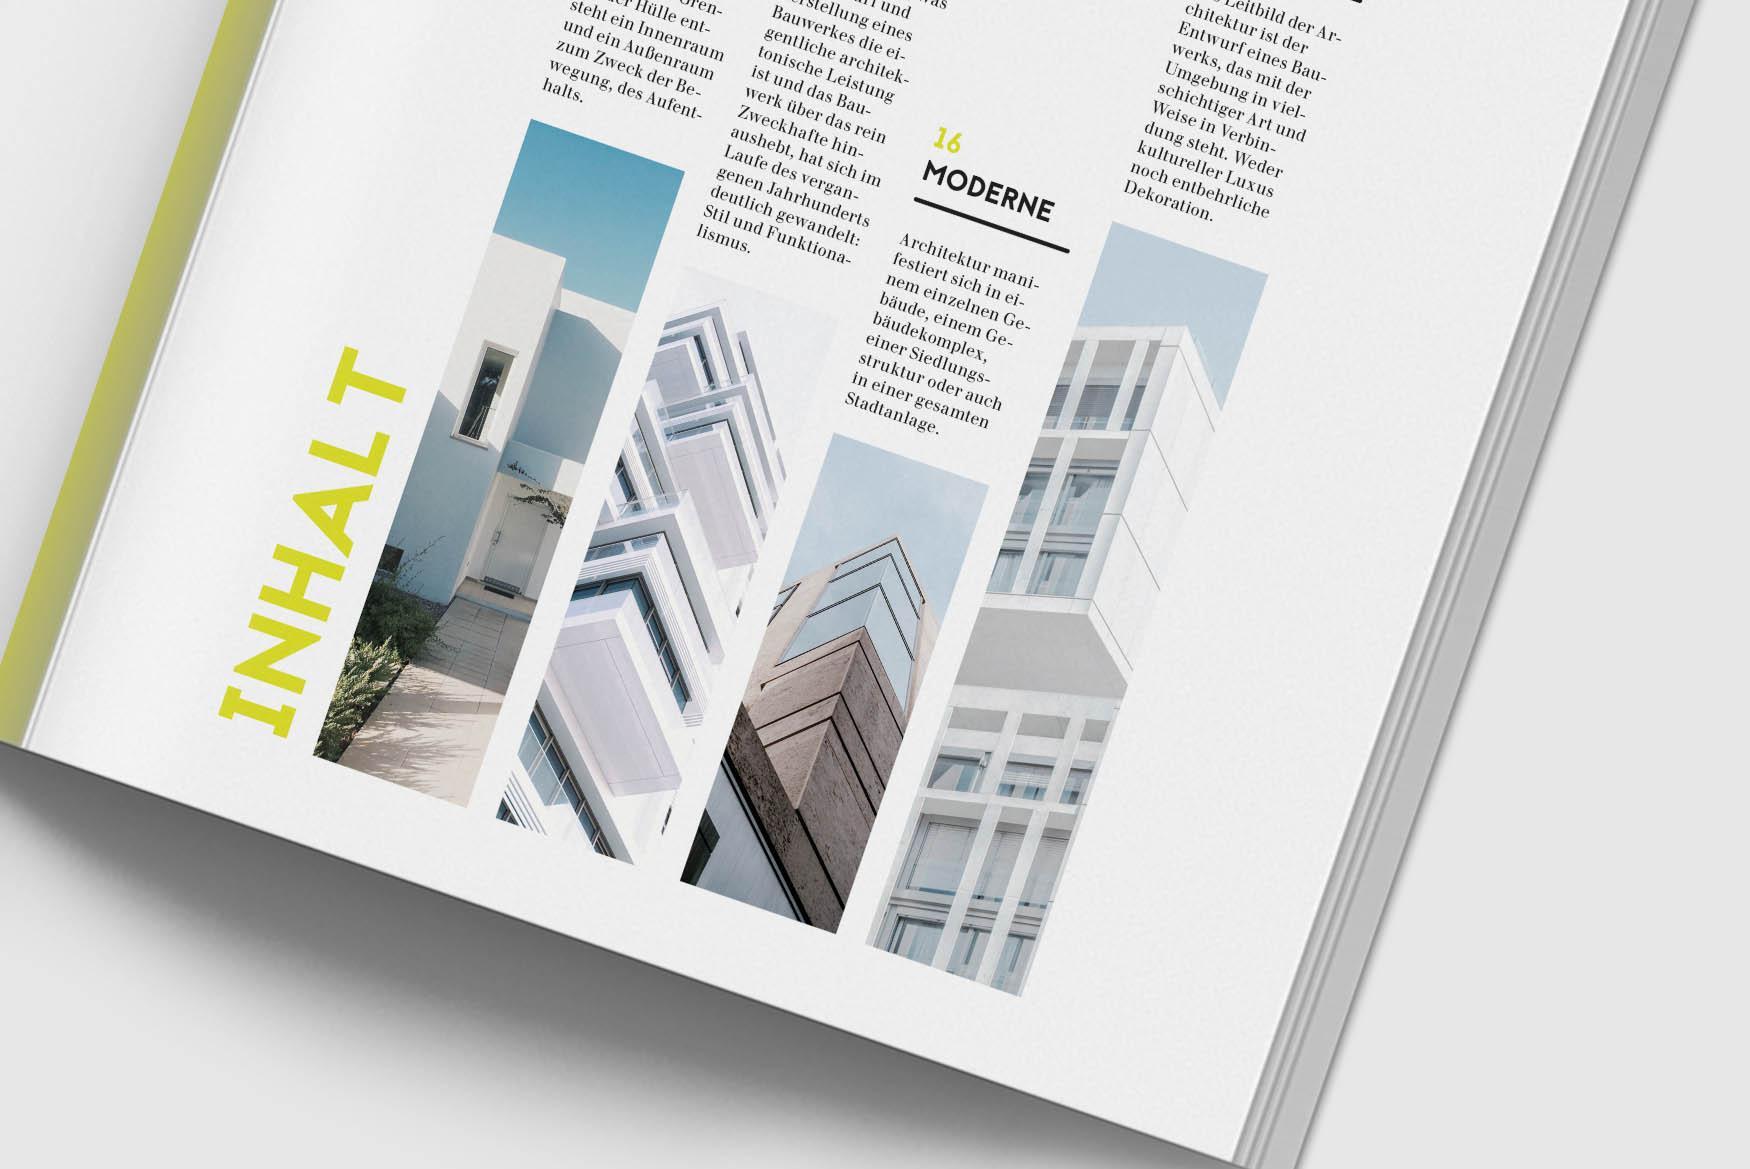 Editorial-Design-Broschuere-Architektur-2-Designagentur-Stuttgart-Kreativbetrieb